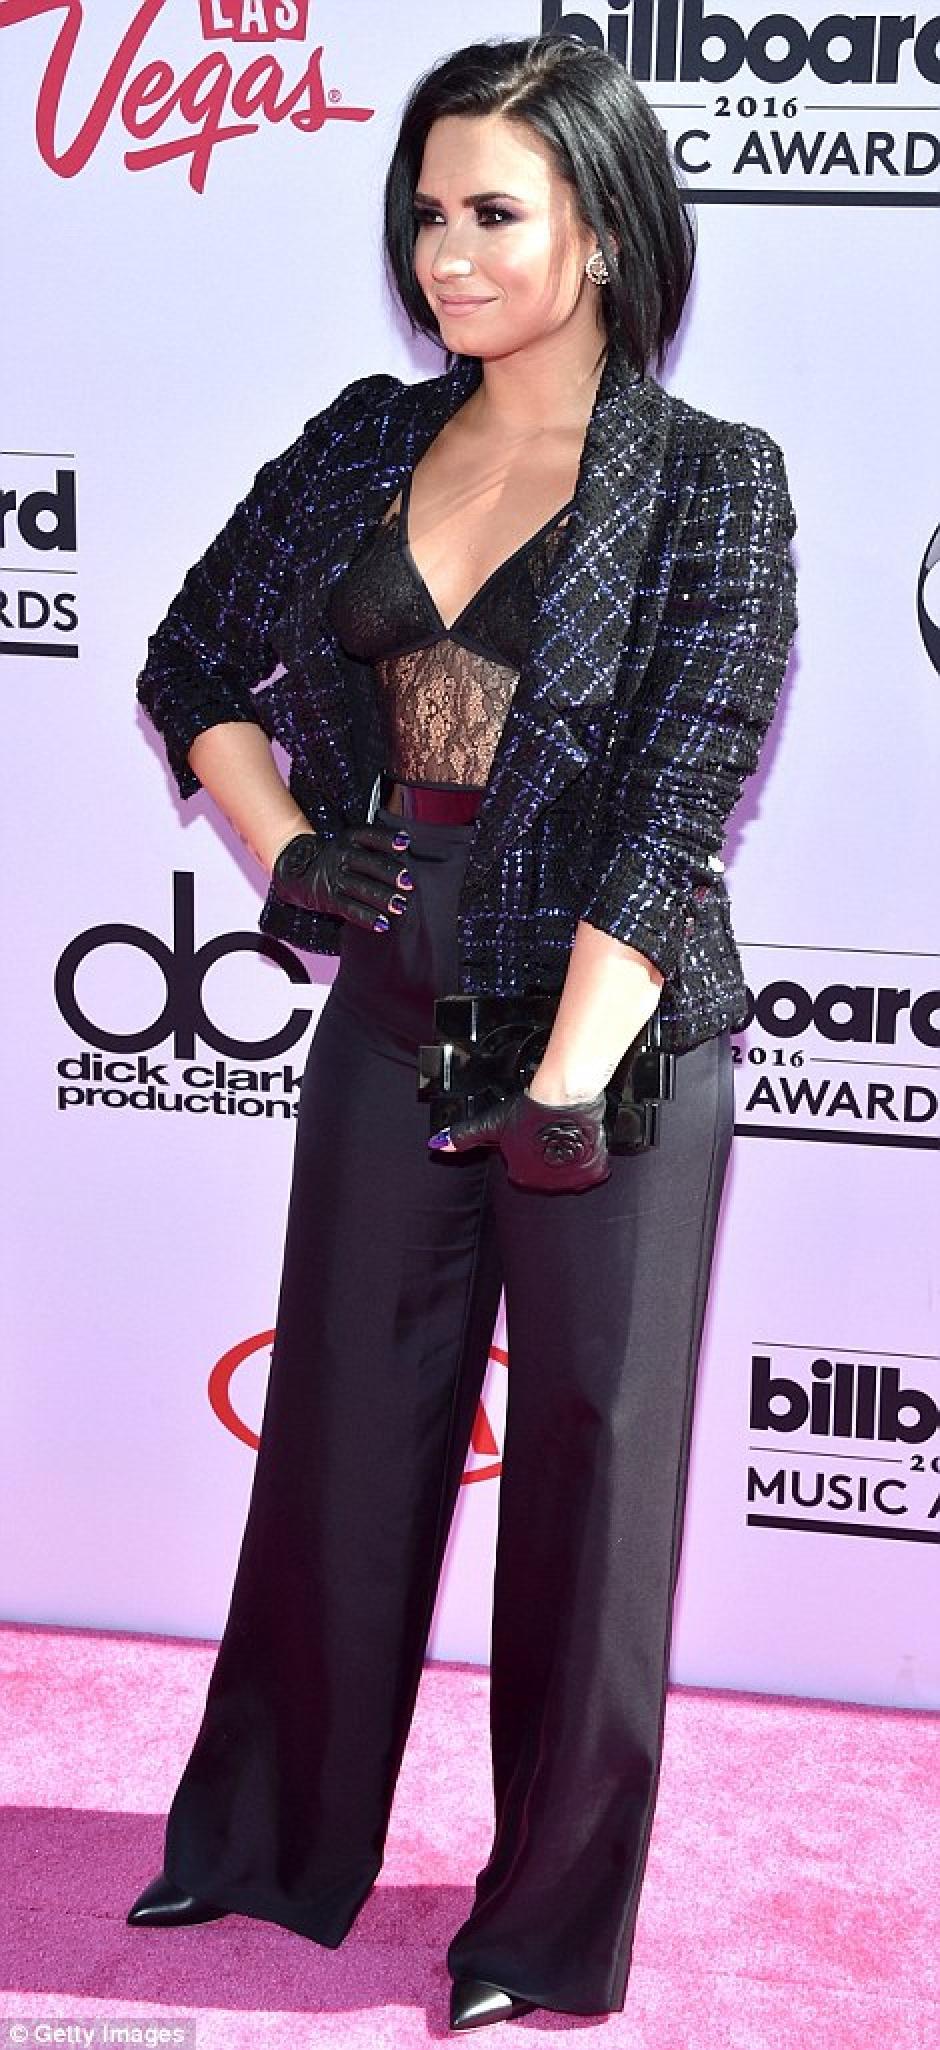 La estrella mostró su vientre en encaje bajo una chaqueta Chanel. (Foto: Getty Images)